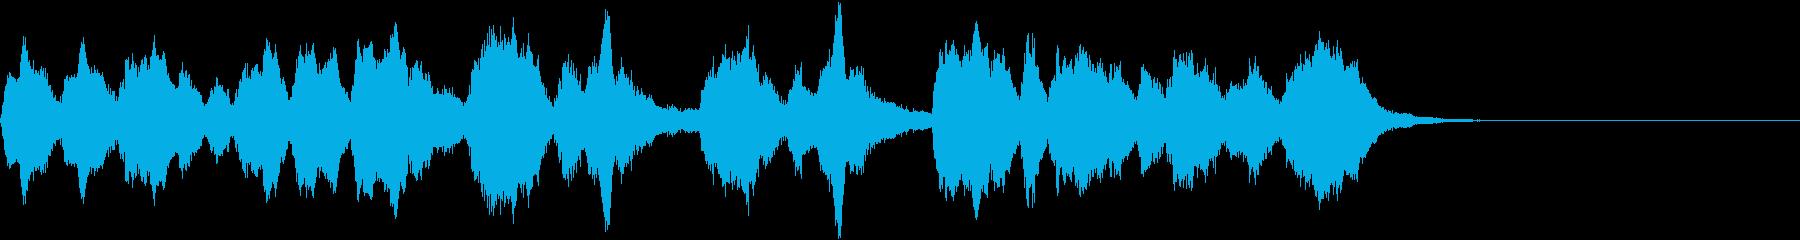 冬向けとびきり明るいオーケストラジングルの再生済みの波形